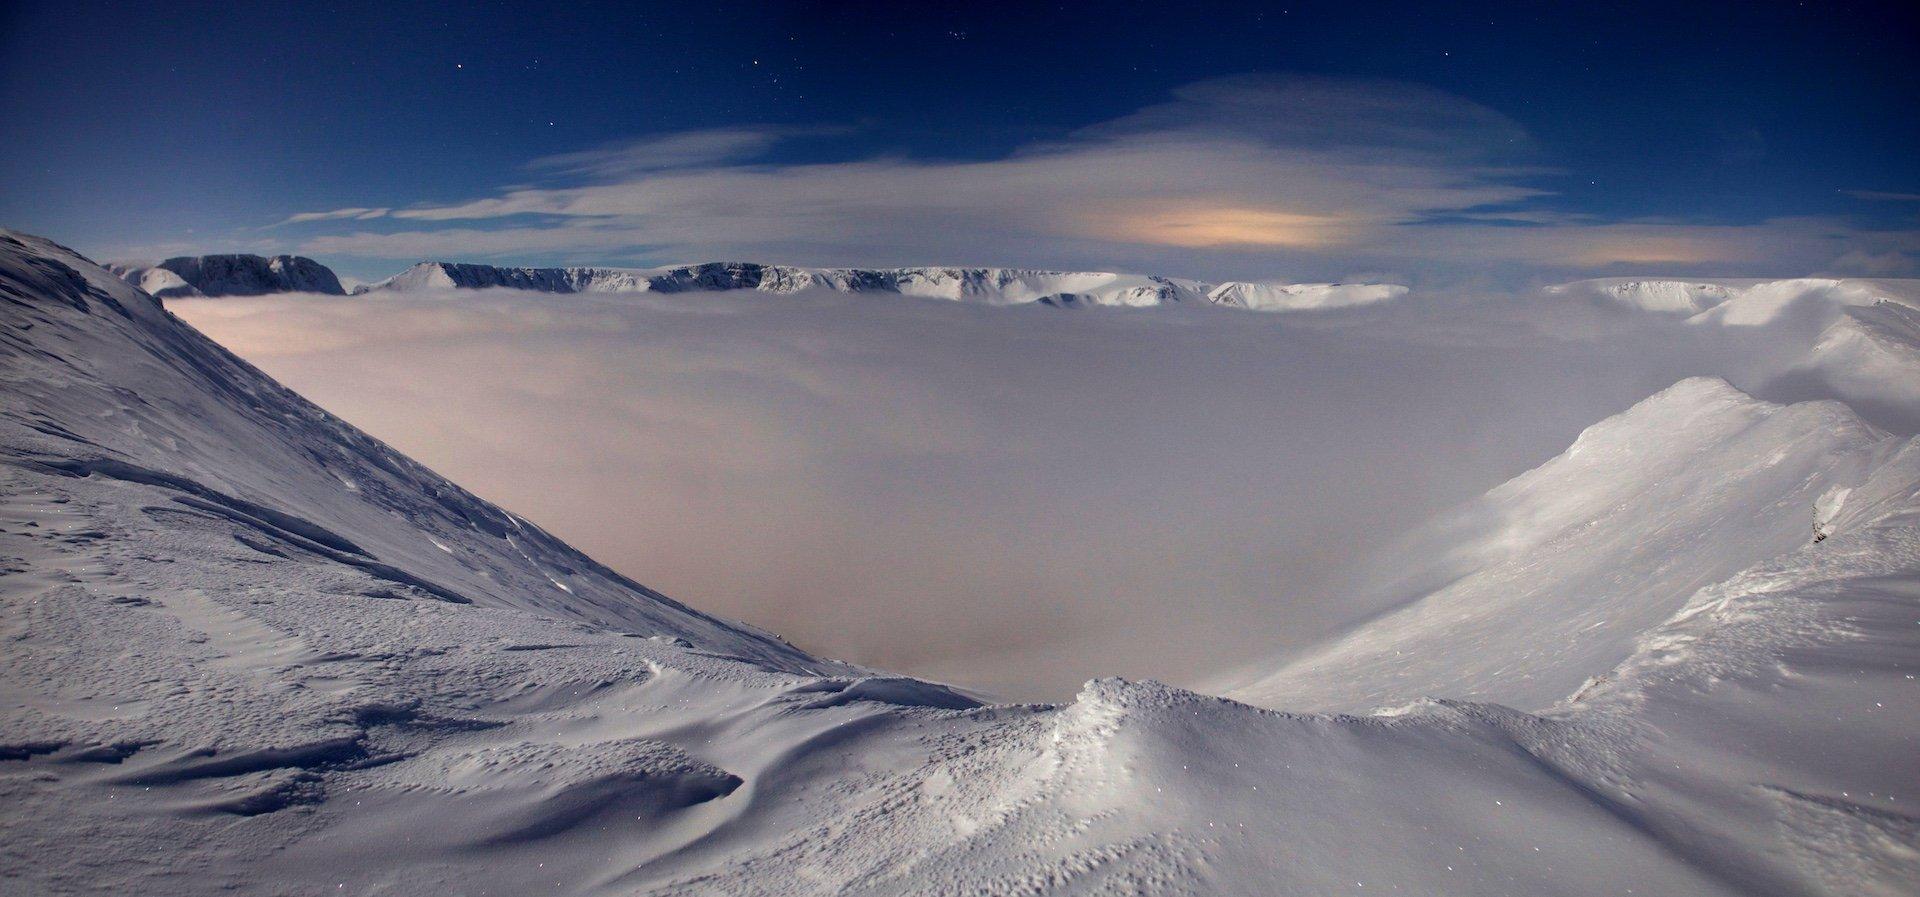 Хибины, зима, ночь, снег, туман, , Никифоров Егор